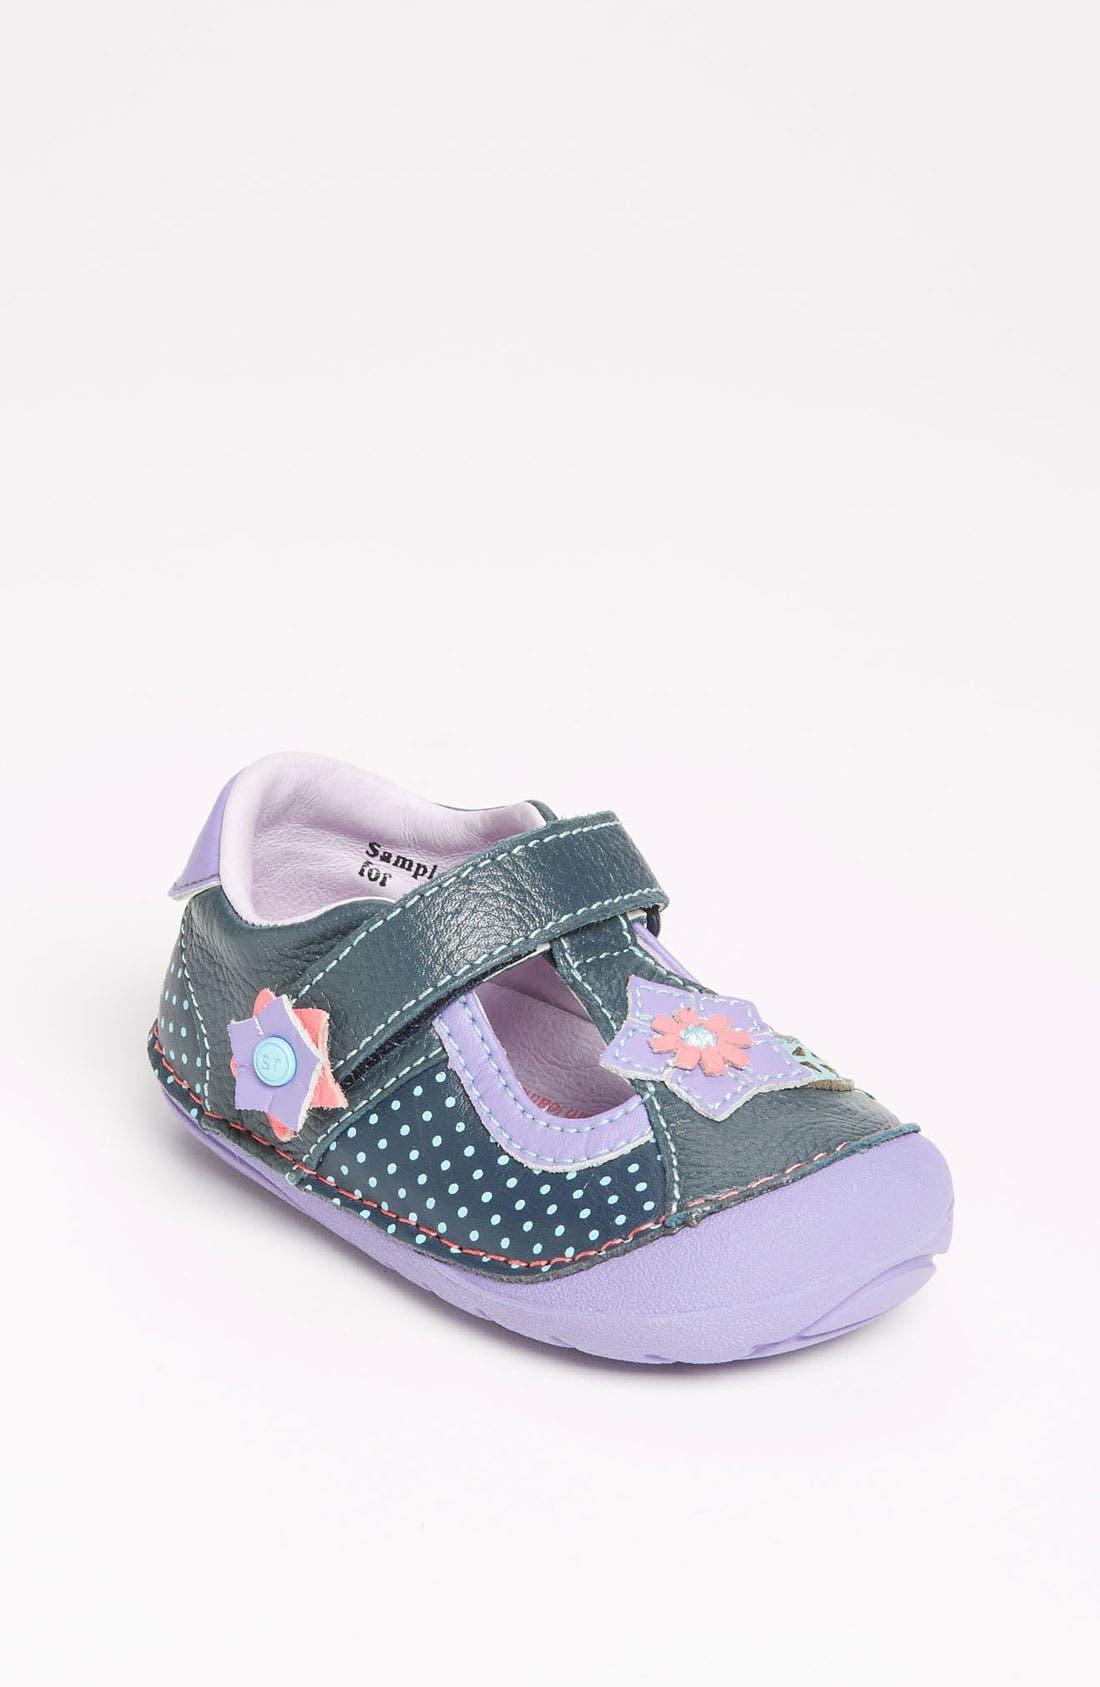 Main Image - Stride Rite 'Viola' Sneaker (Baby & Walker)